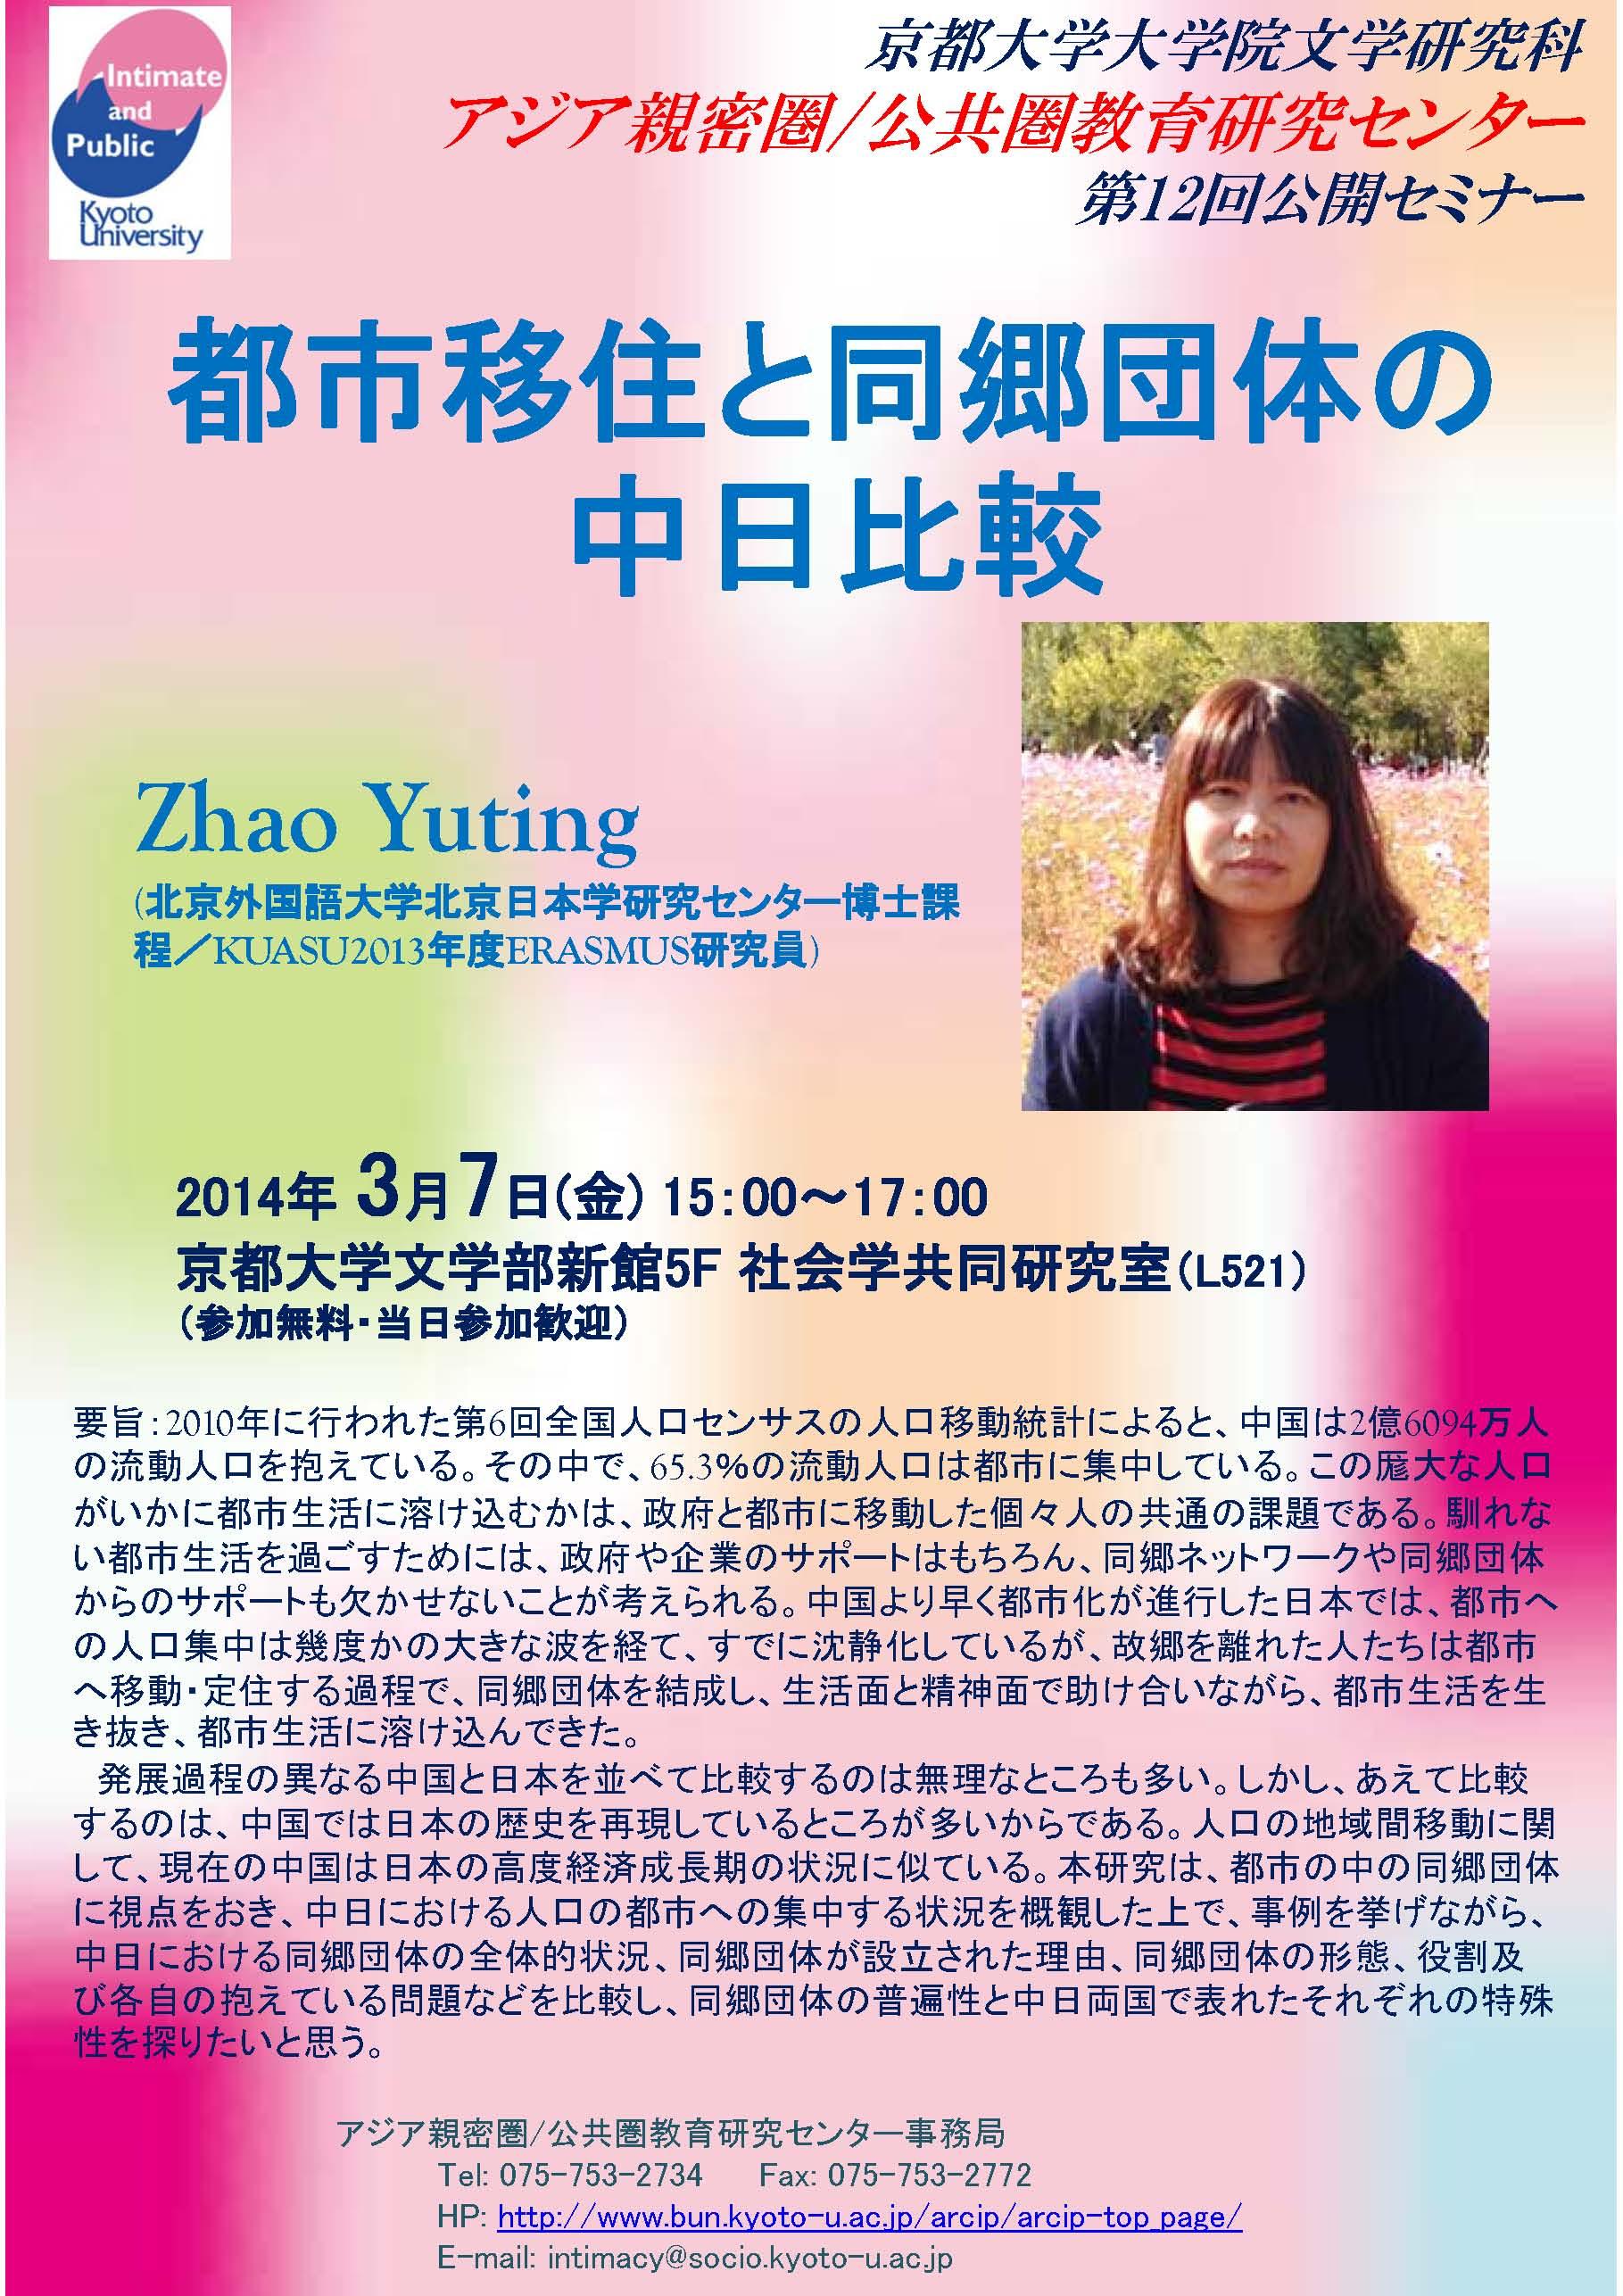 20140307_ZHAO Yuting